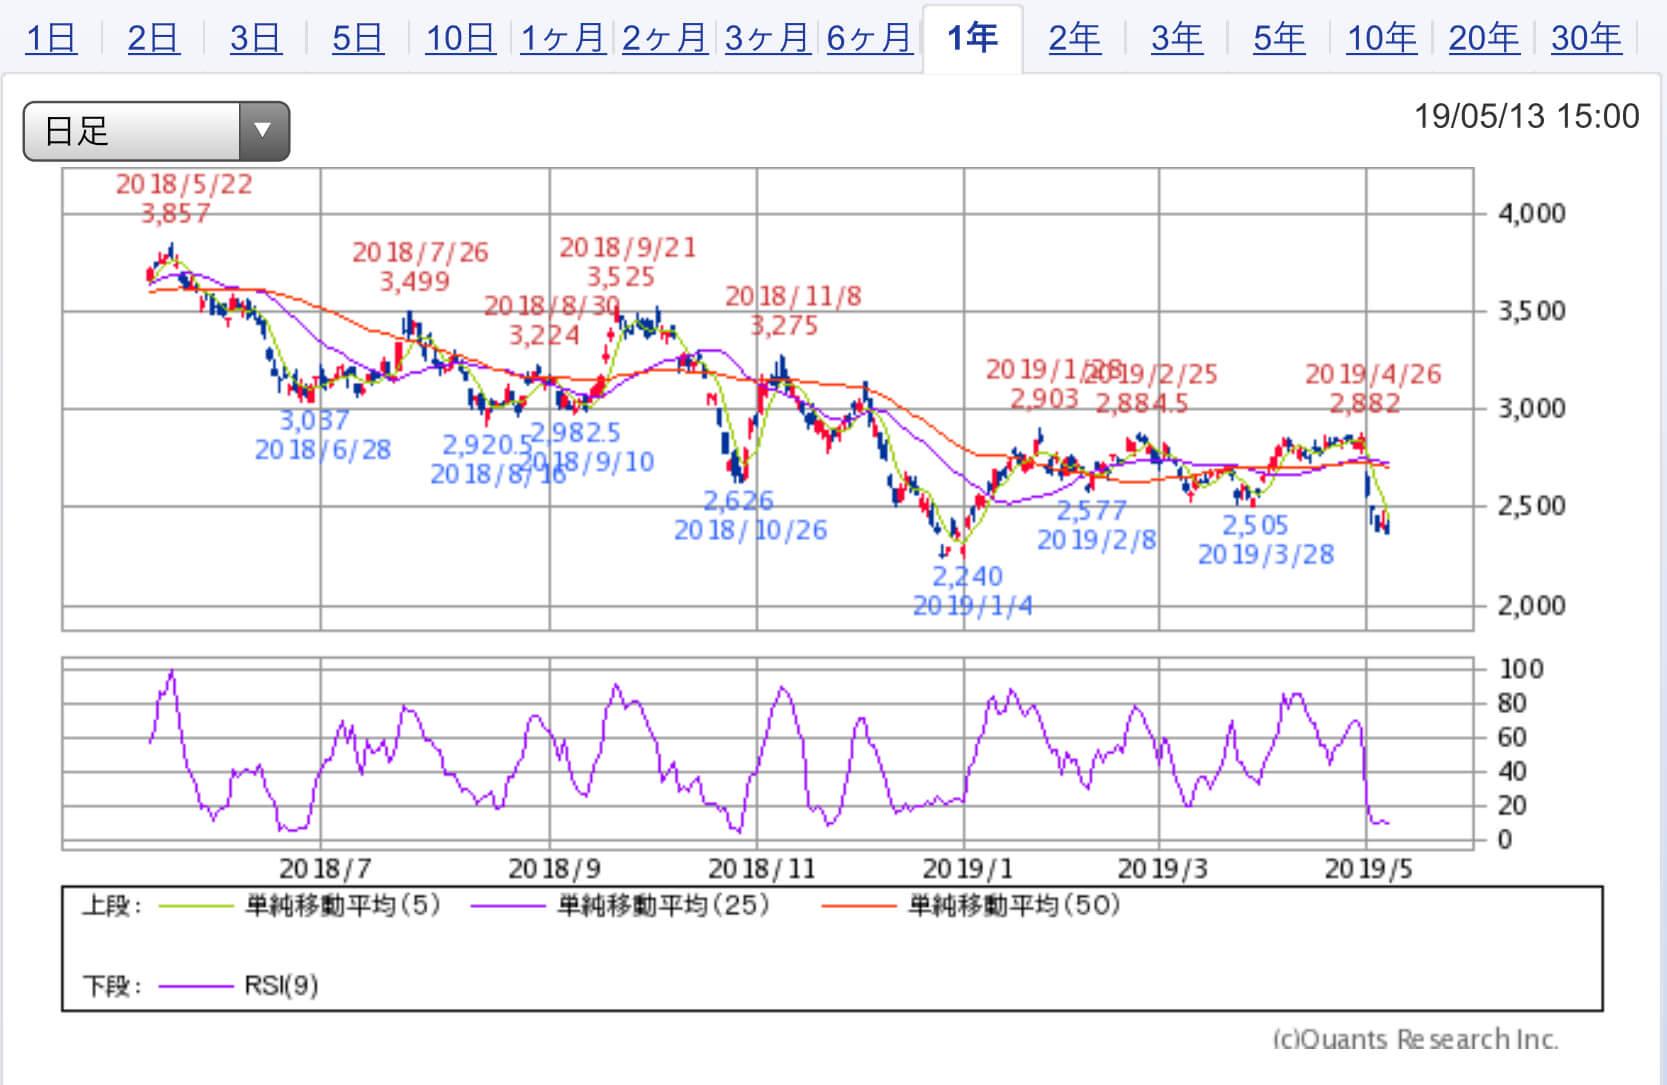 ソフトバンク pts 株価